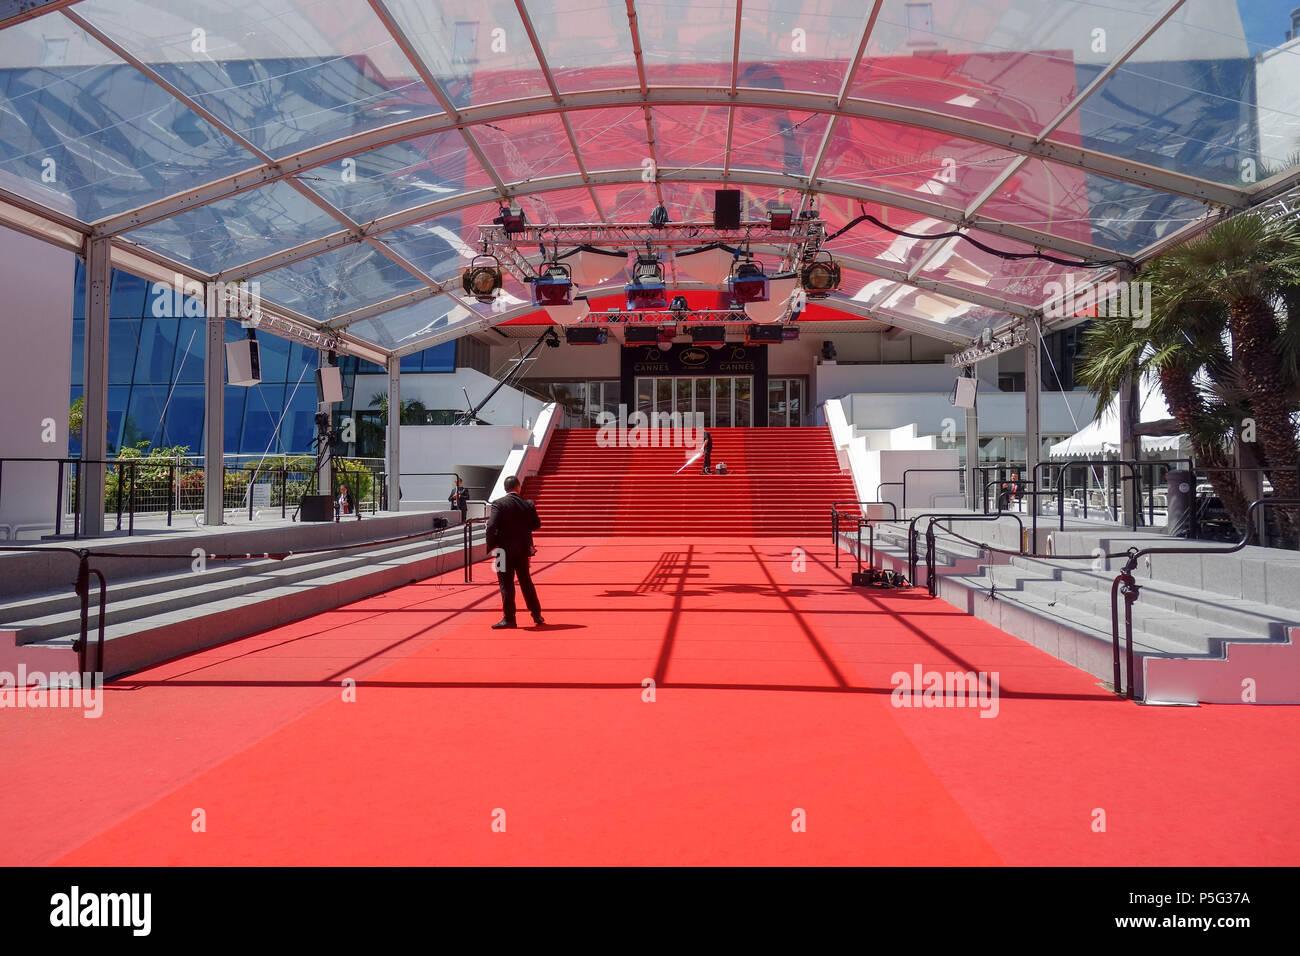 https www alamyimages fr cannes france 19 mai 2017 un homme de vide le tapis rouge comme suit au grand theatre lumiere en preparation de la 70e assemblee annuelle du festival du film de cannes image209951486 html